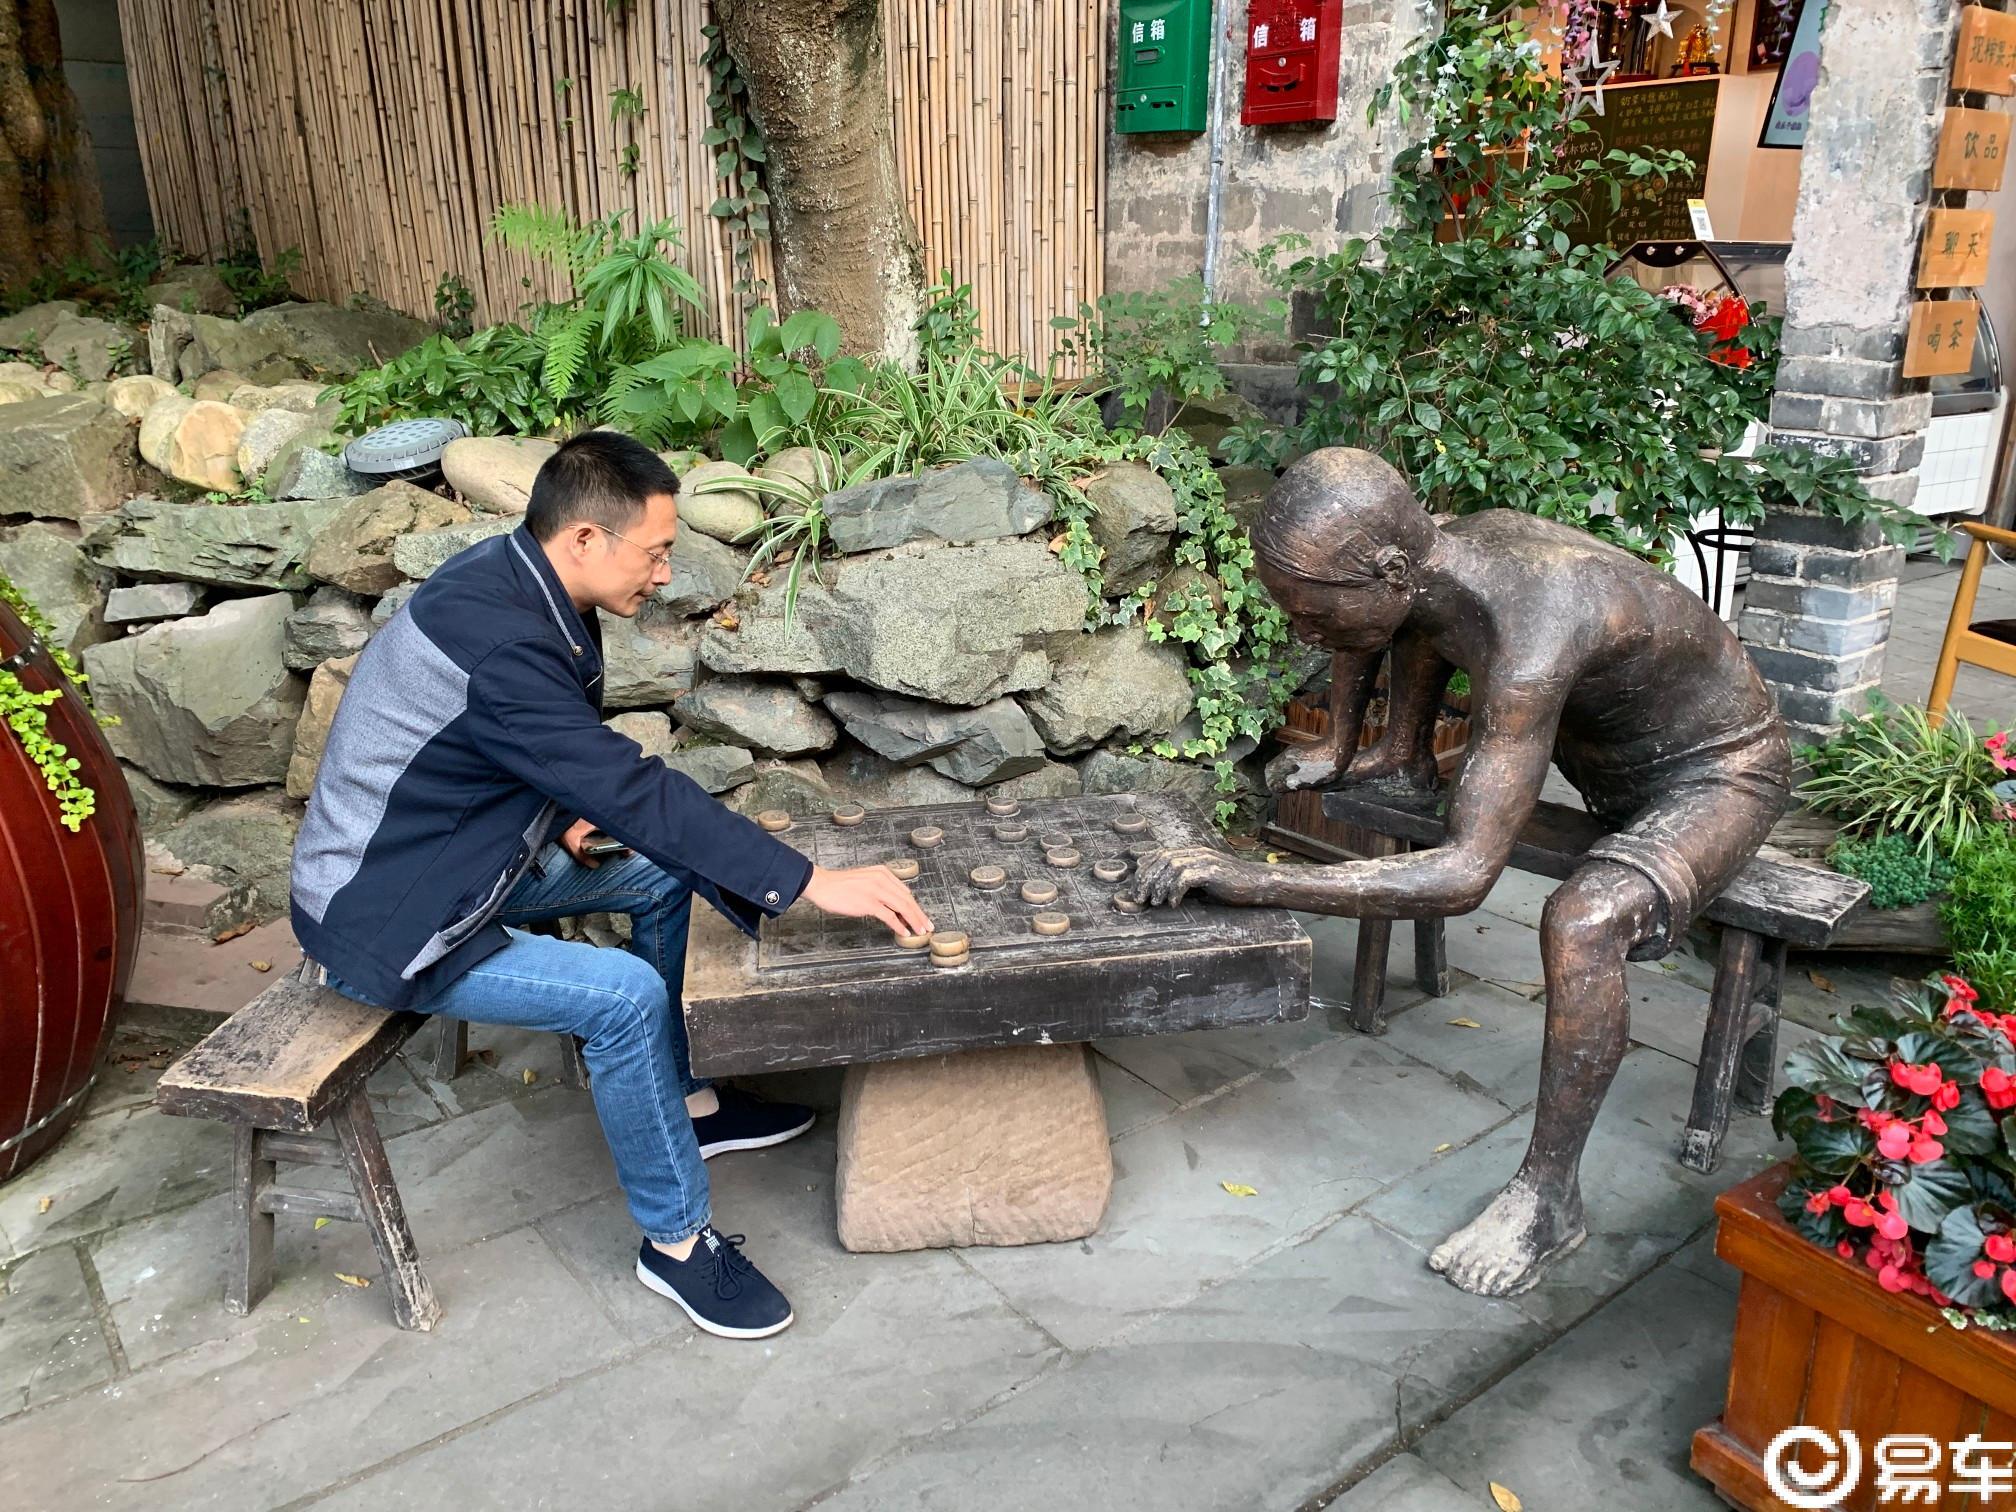 【木头系列】【车友同游】之——漫步安仁古镇。